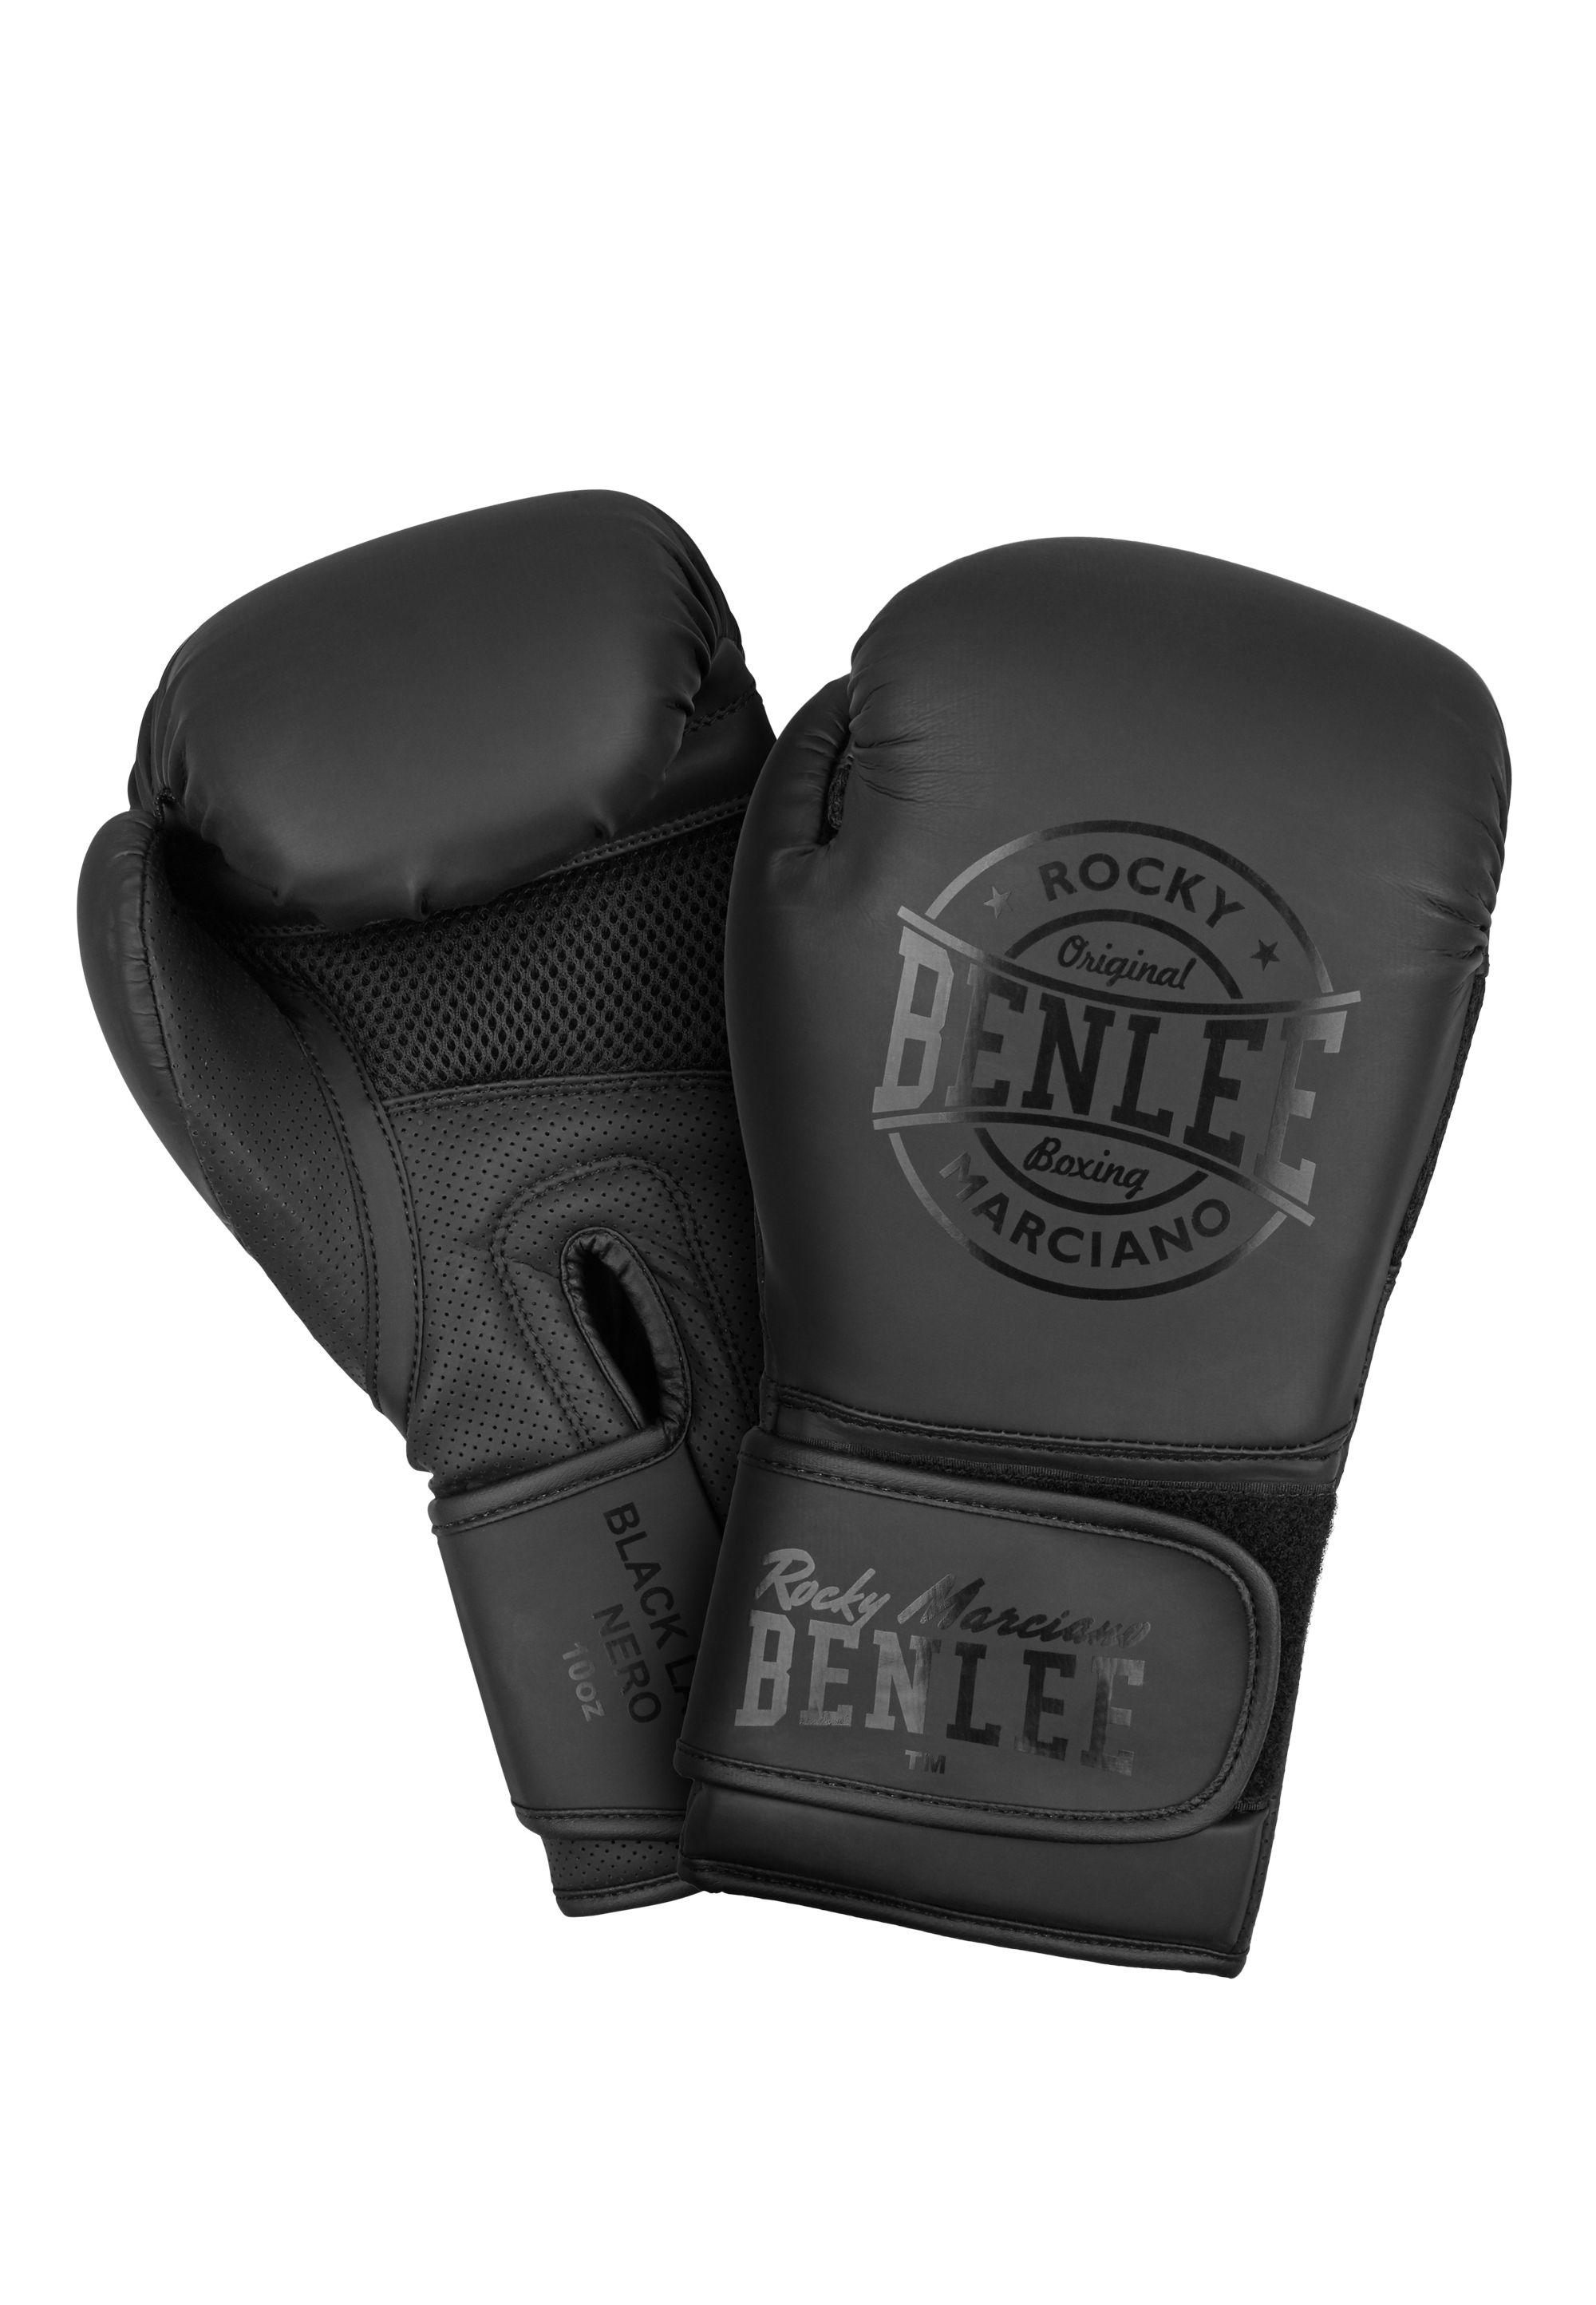 Boxhandschuhe Kampfsport Trainingshandschuhe Fitness Sport Boxing Kunstleder